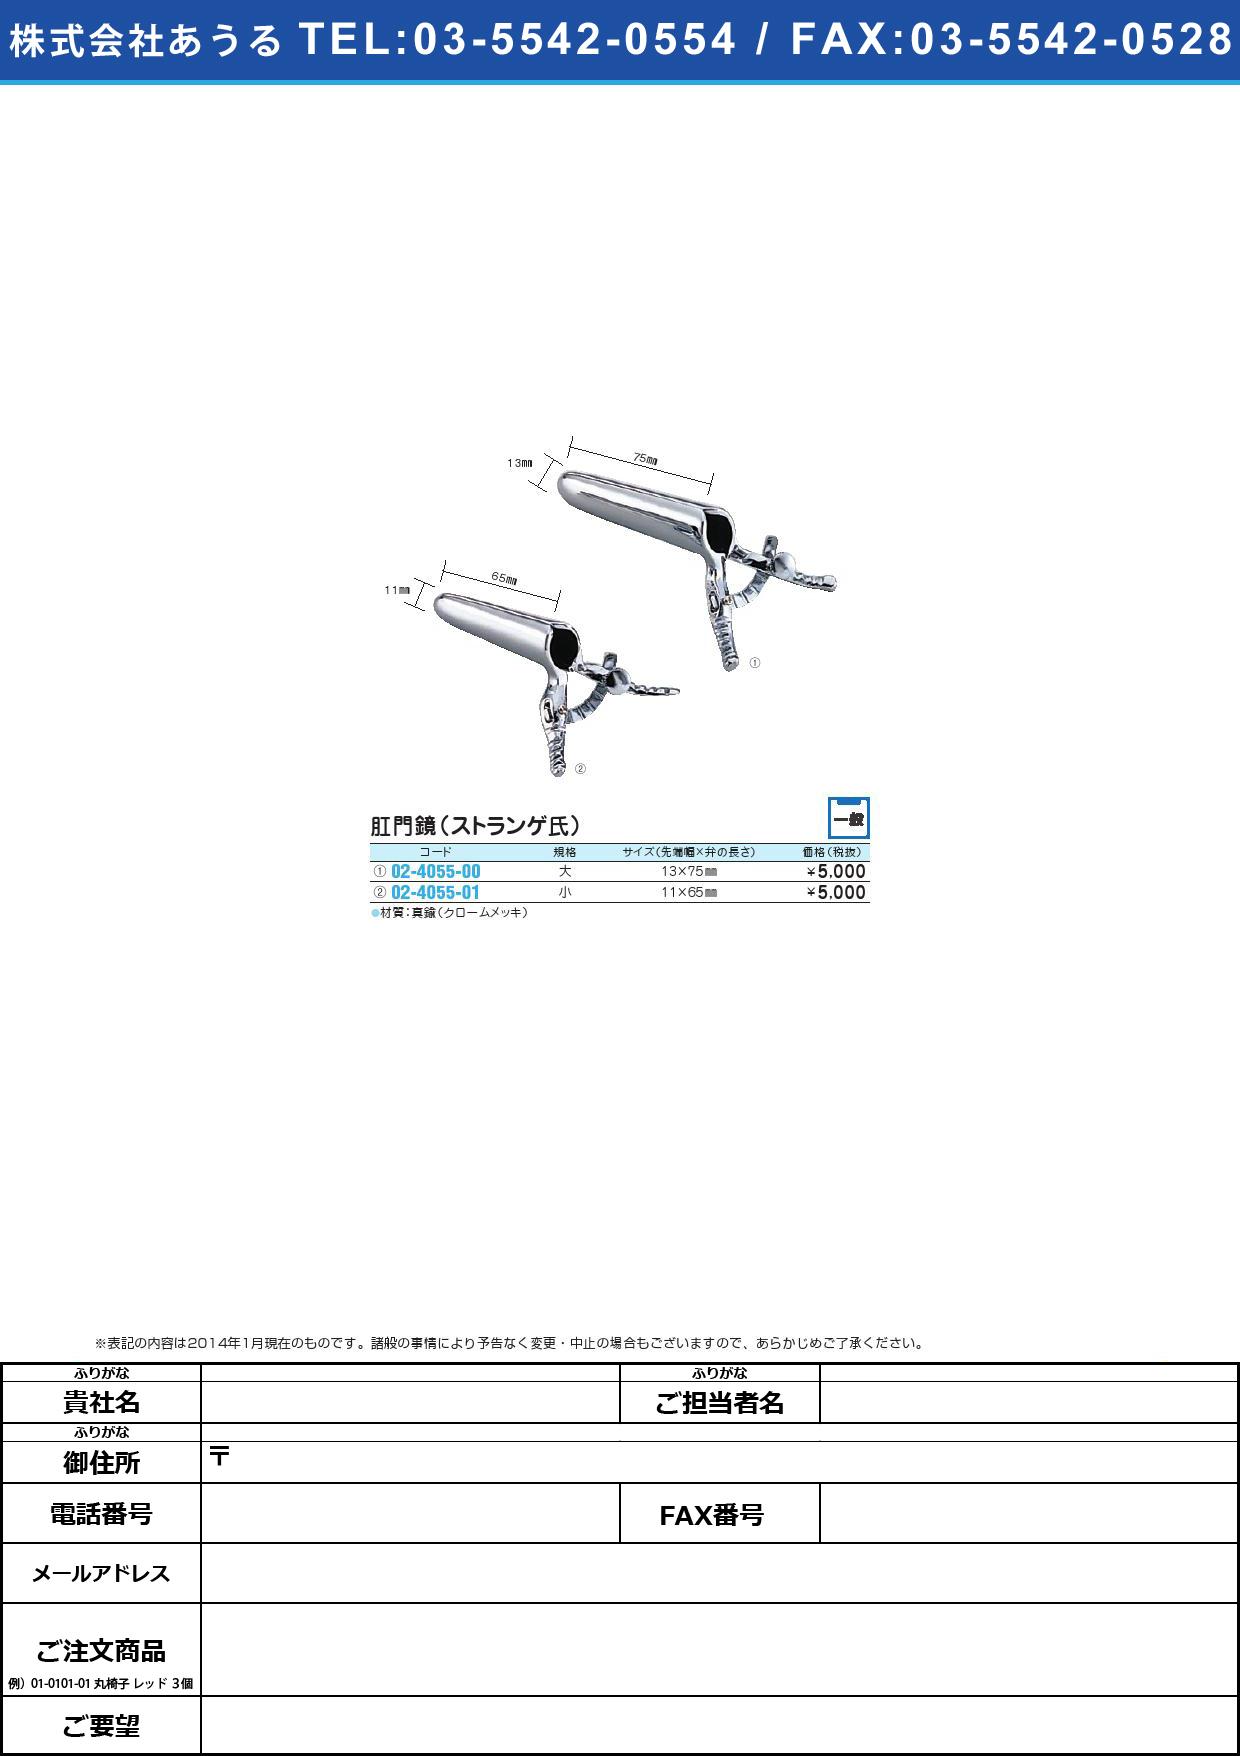 肛門鏡(ストランゲ氏)小 コウモンキョウ 11X65MM【1個単位】(02-4055-01)